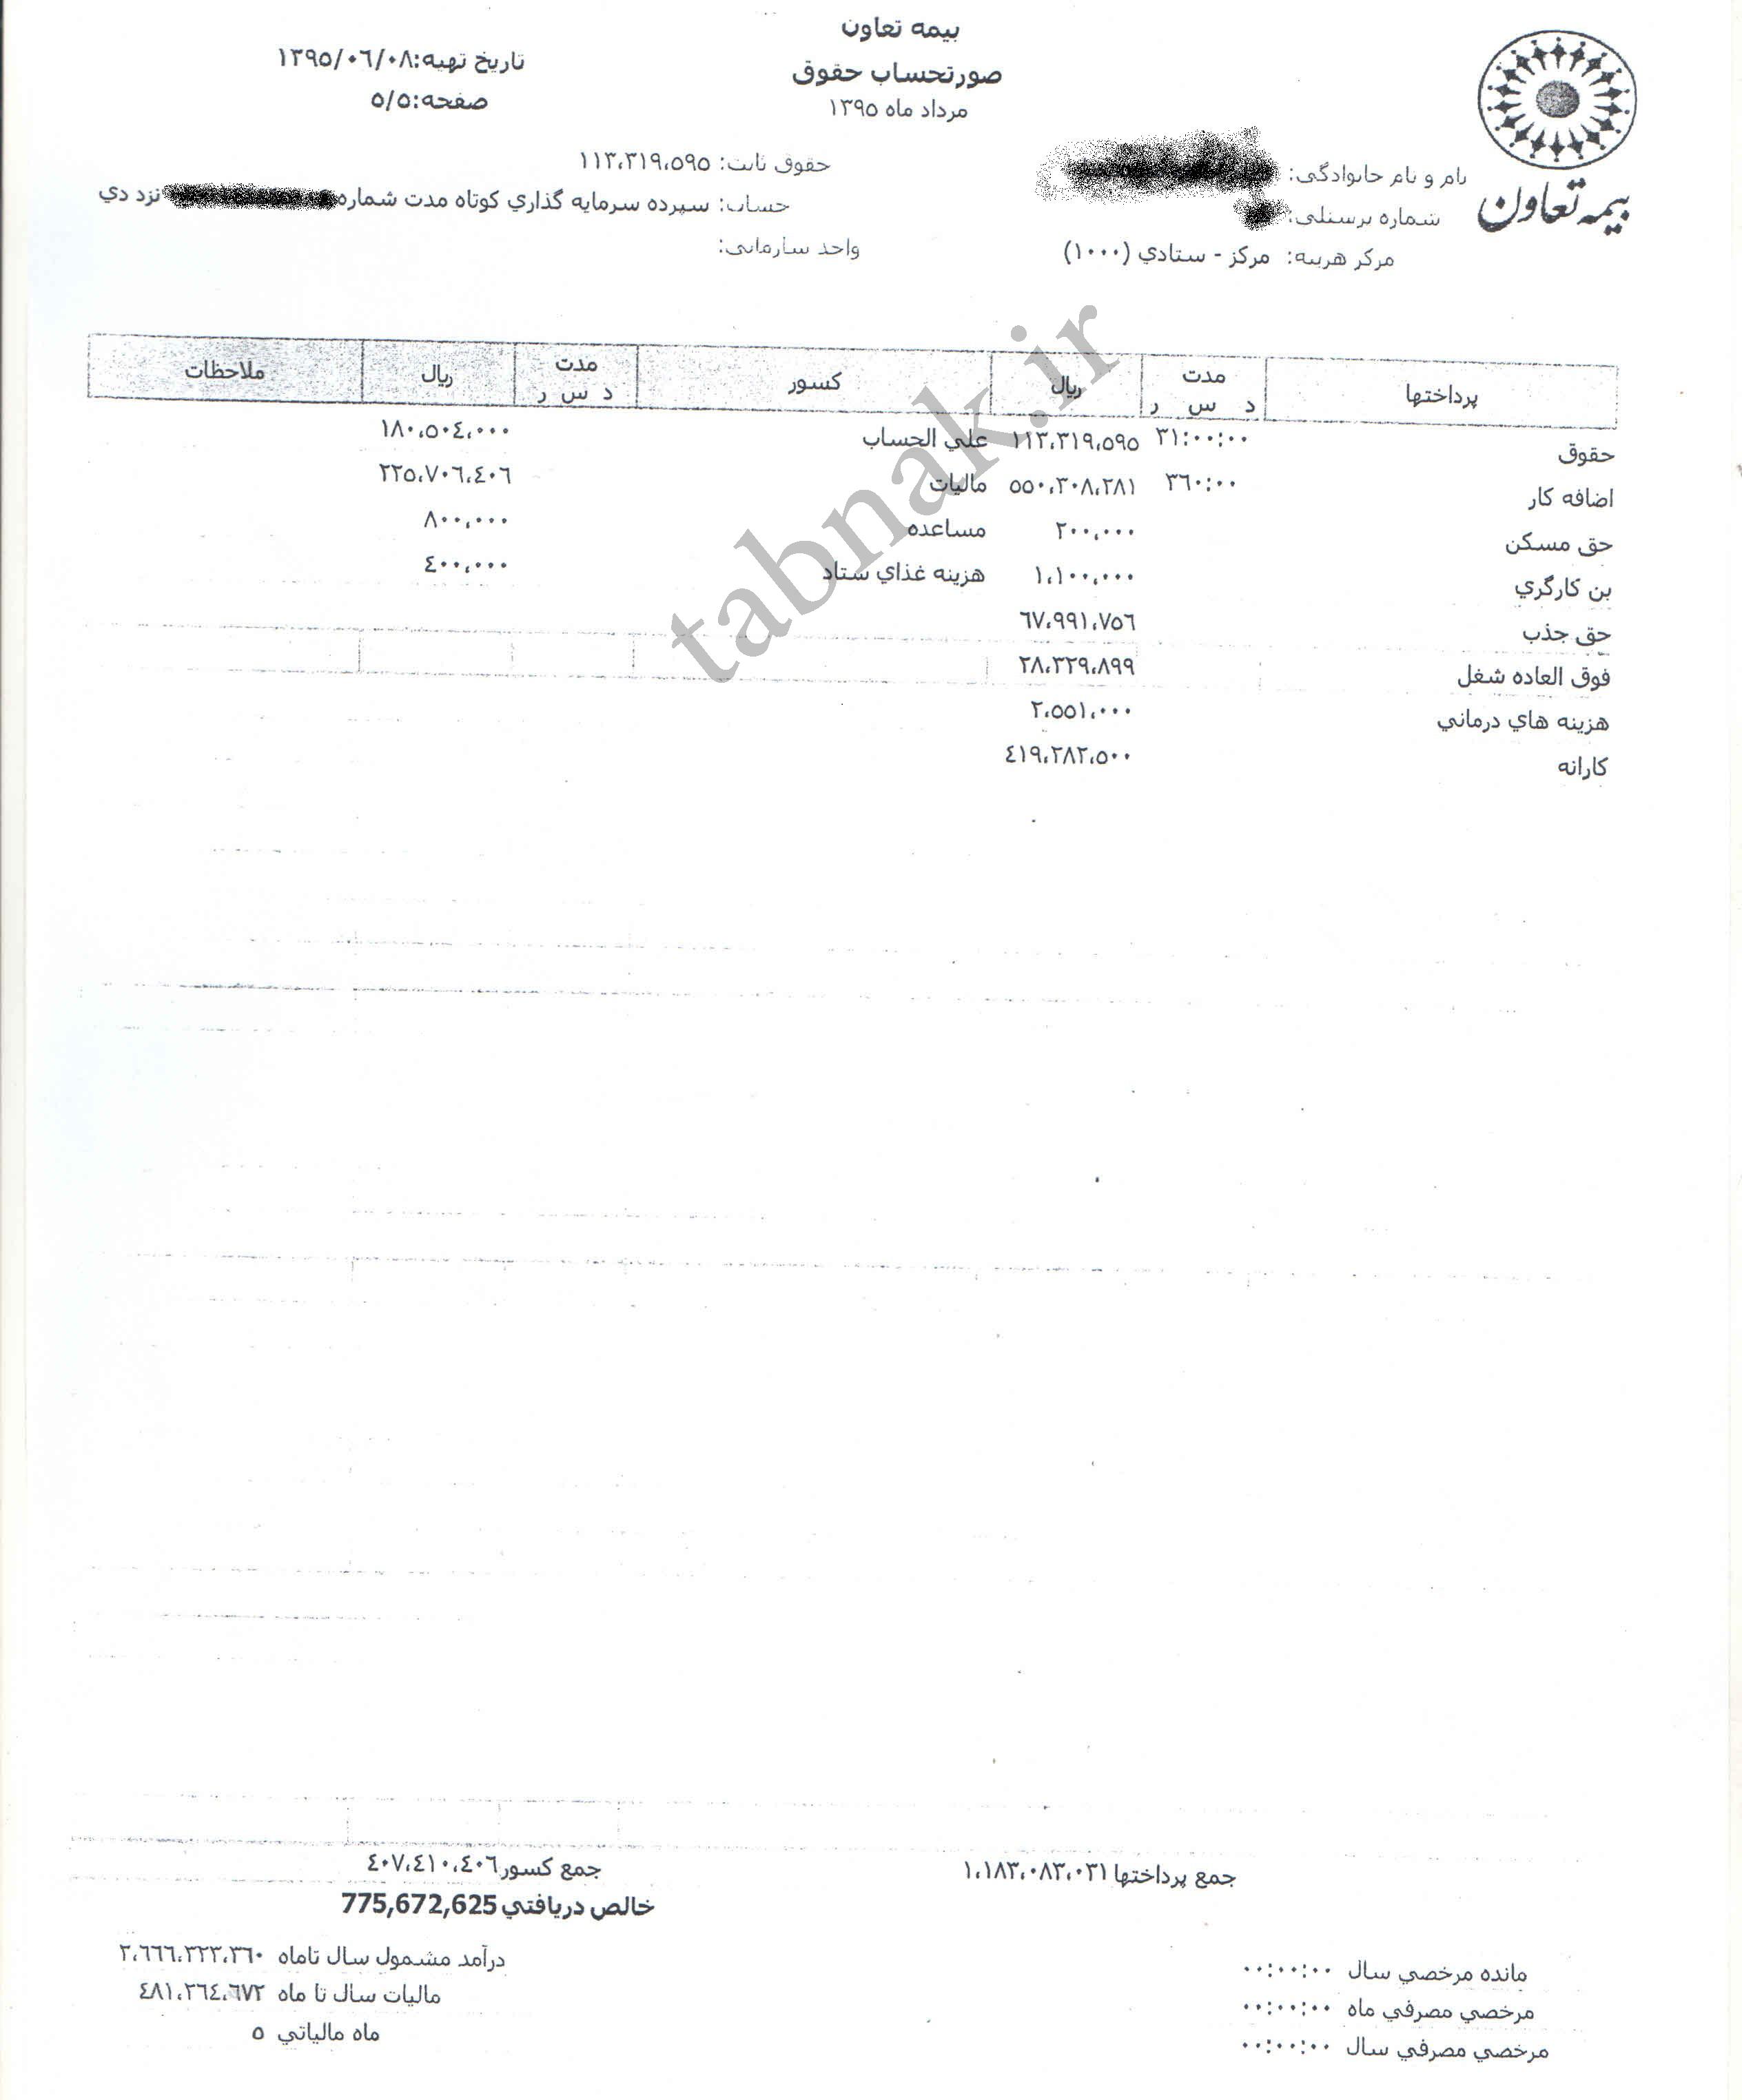 افشاگری «تابناک» از پرداخت حقوقهای نجومی در «بیمه تعاون» +اسناد